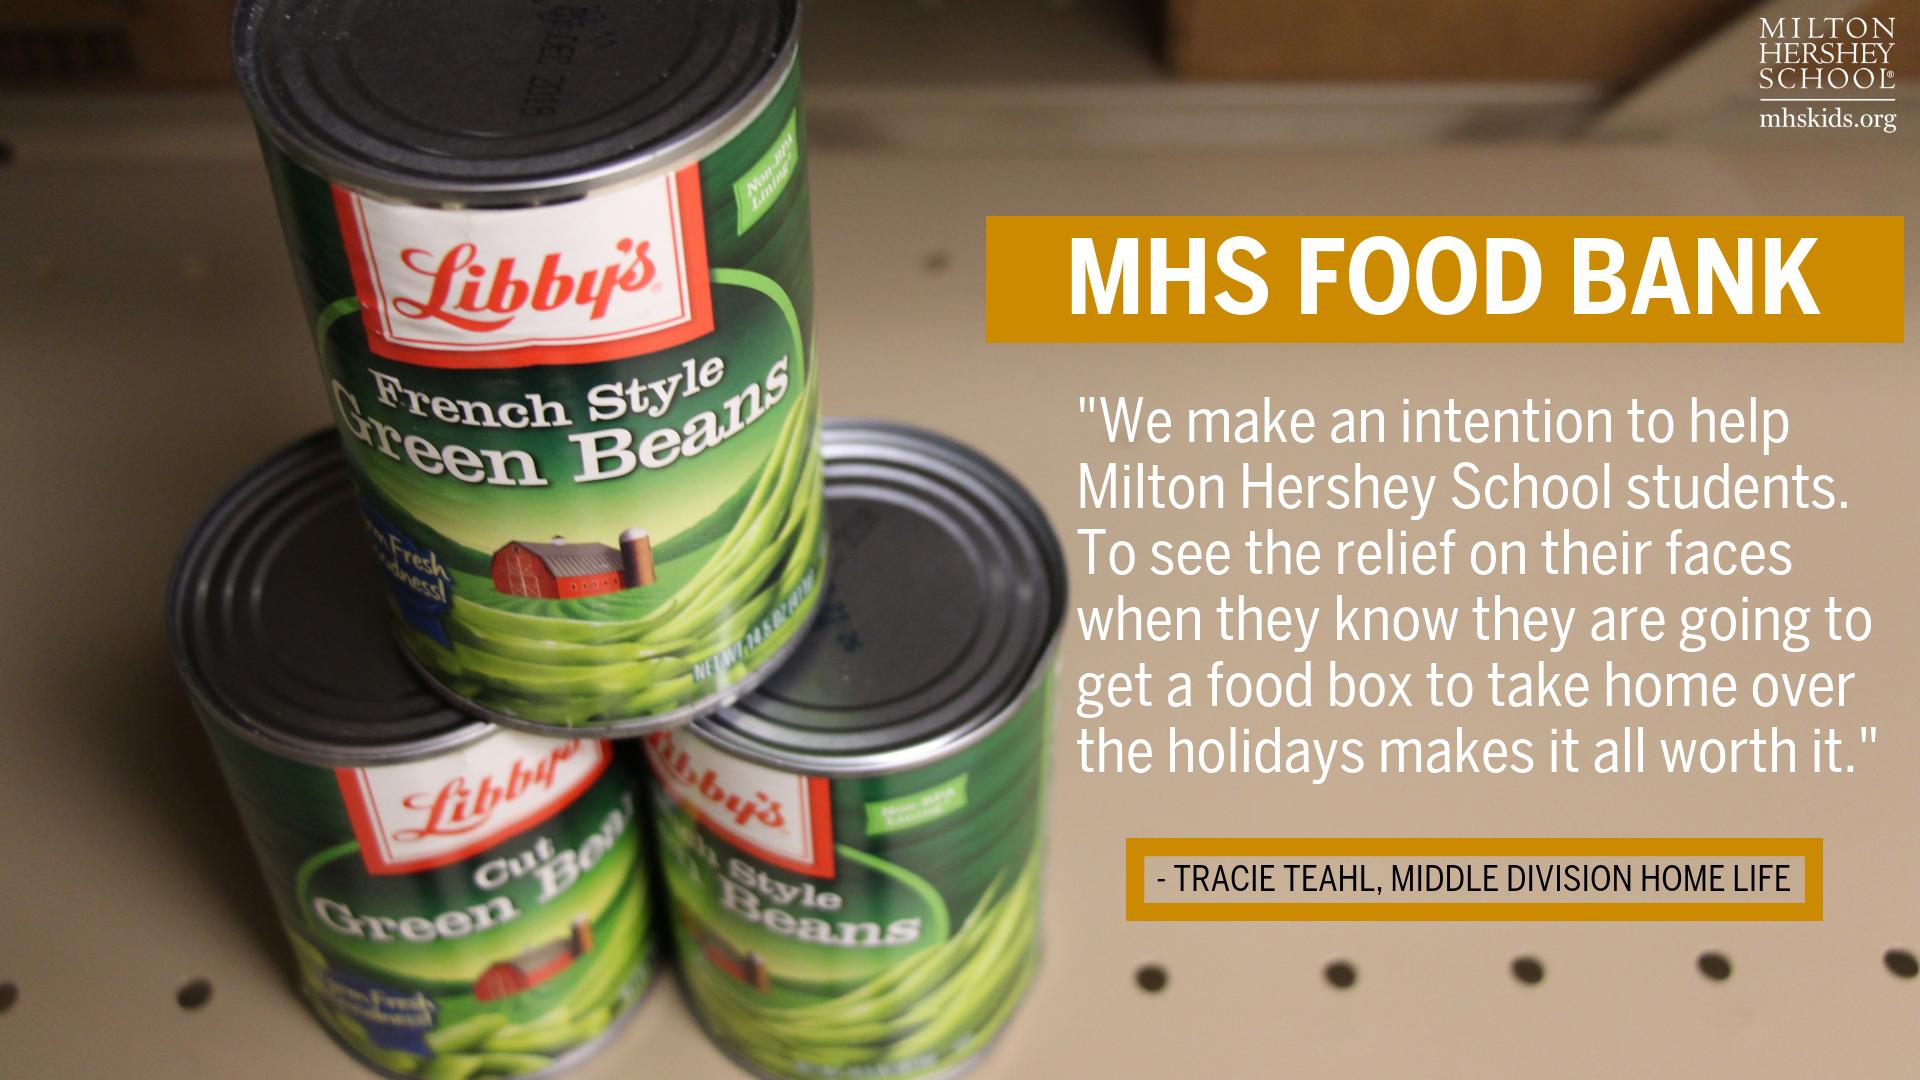 Food bank at MHS